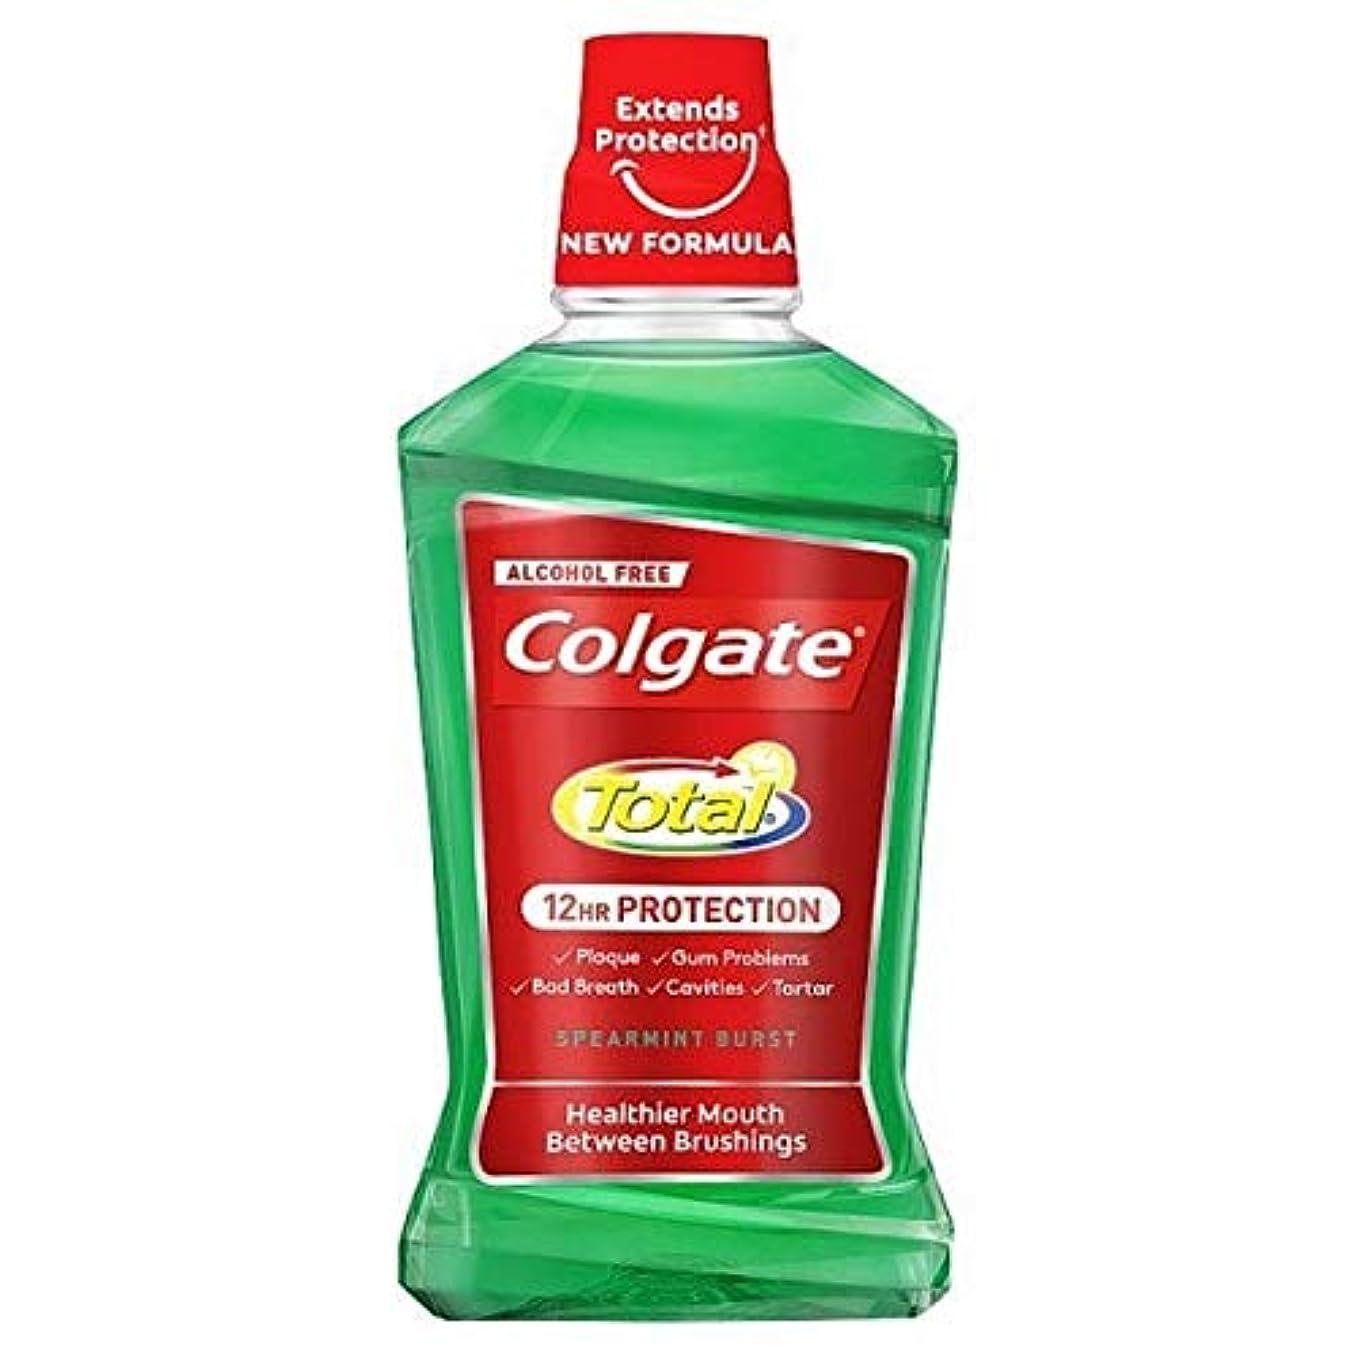 ギャロップ花火記憶[Colgate ] コルゲートトータルスペアミントバーストマウスウォッシュ500ミリリットル - Colgate Total Spearmint Burst Mouthwash 500ml [並行輸入品]